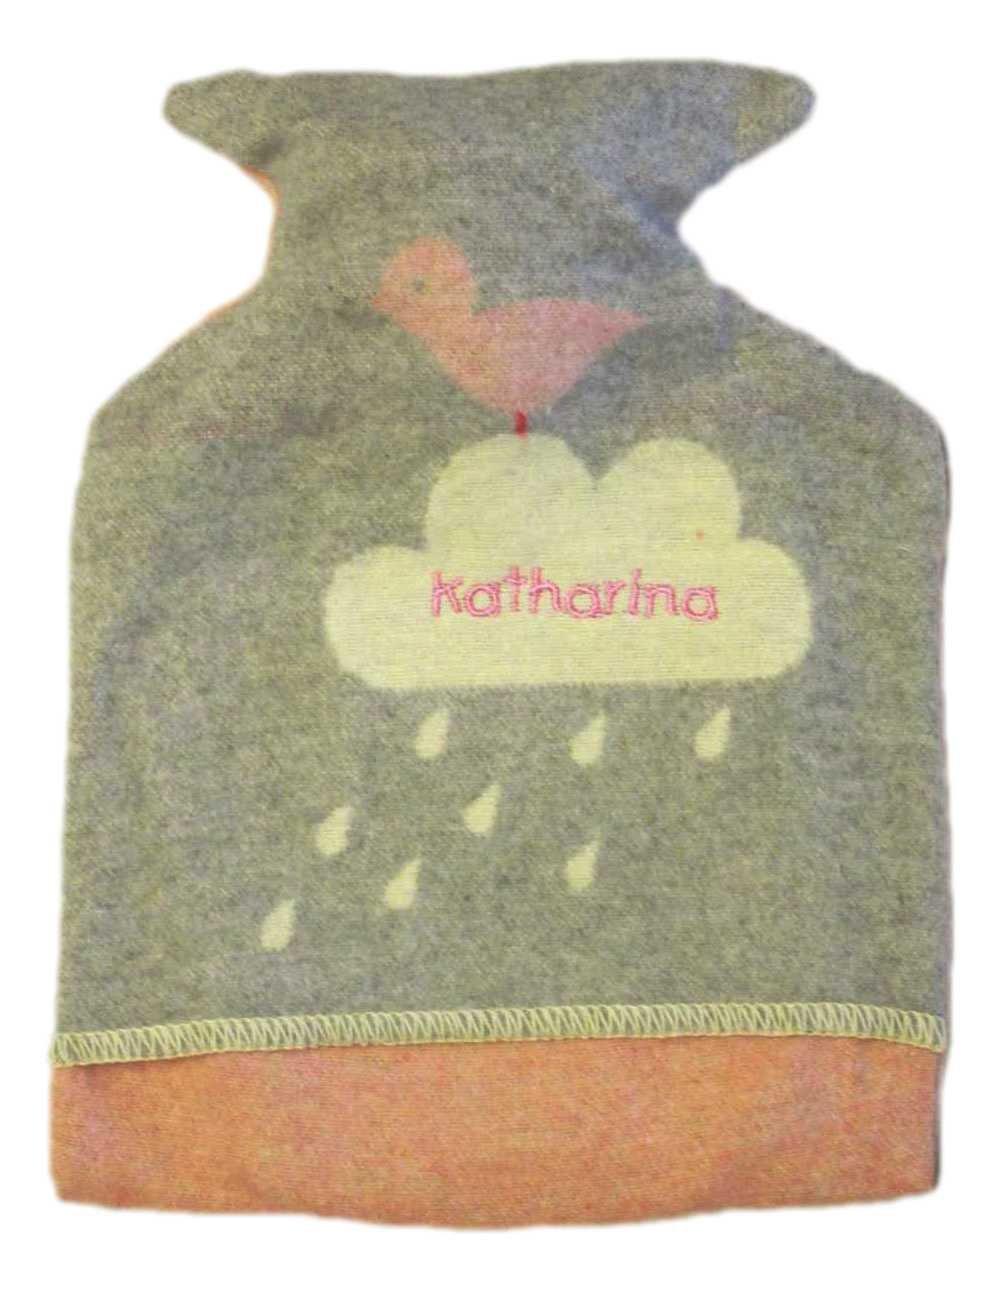 Herz rosa Taufe Ostern und Weihnachten Fussenegger Baby-und Kinderw/ärmflasche mit Ihrem Wunschnamen bestickt in verschiedenen Motiven ideales Geschenk zur Geburt